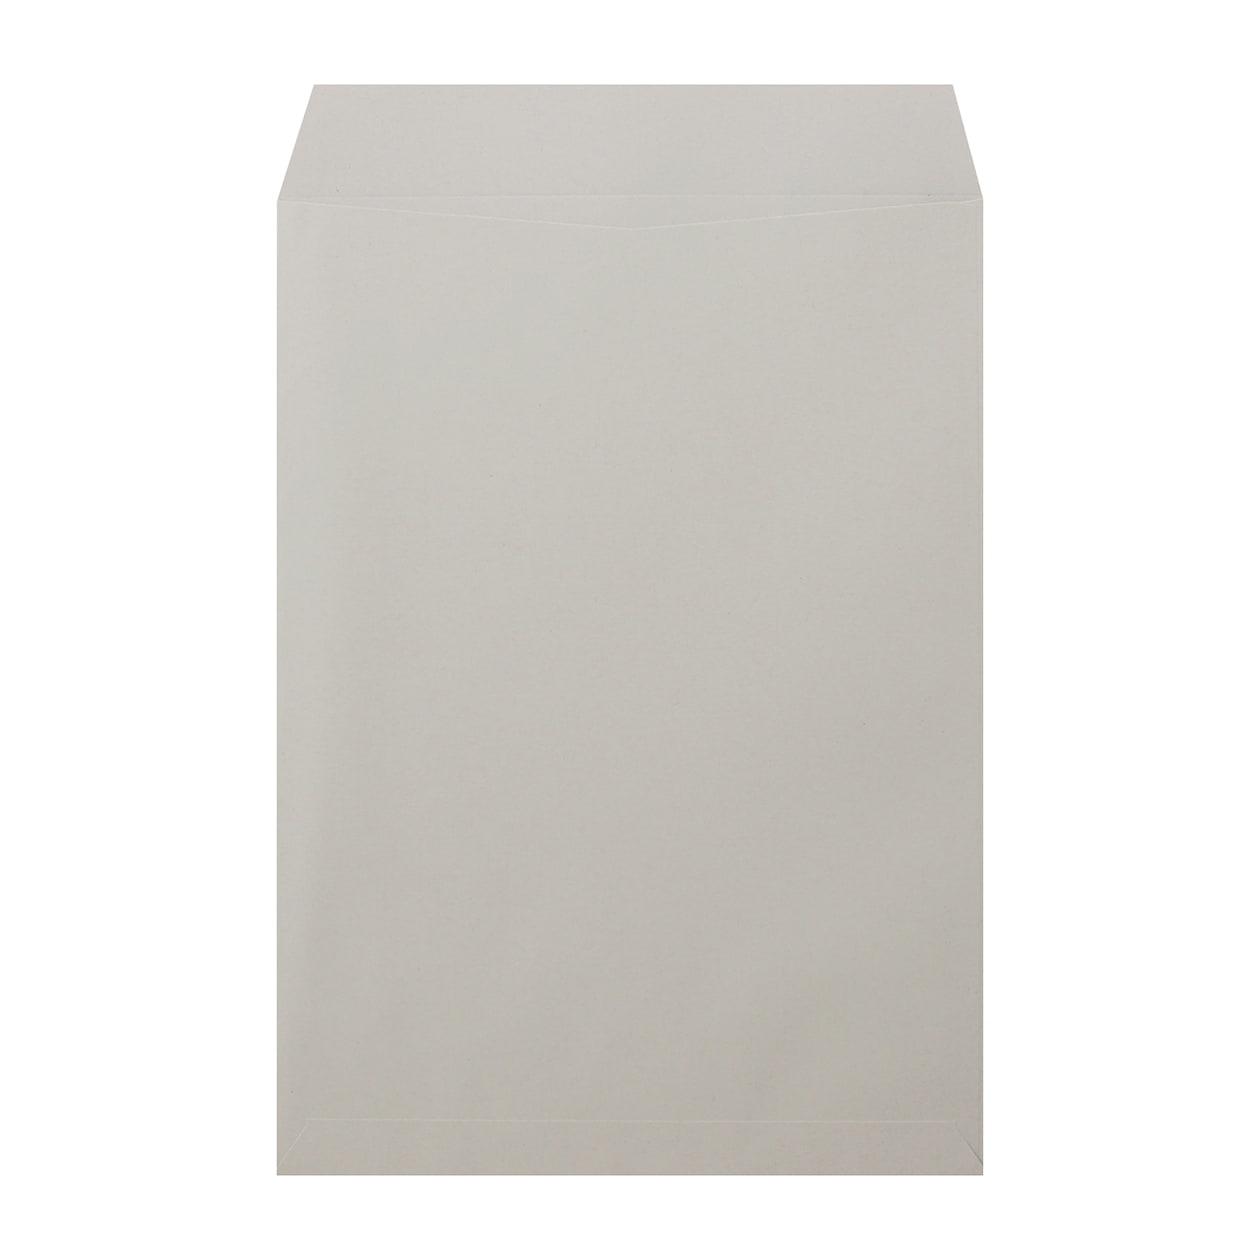 サンプル 封筒・袋 00037